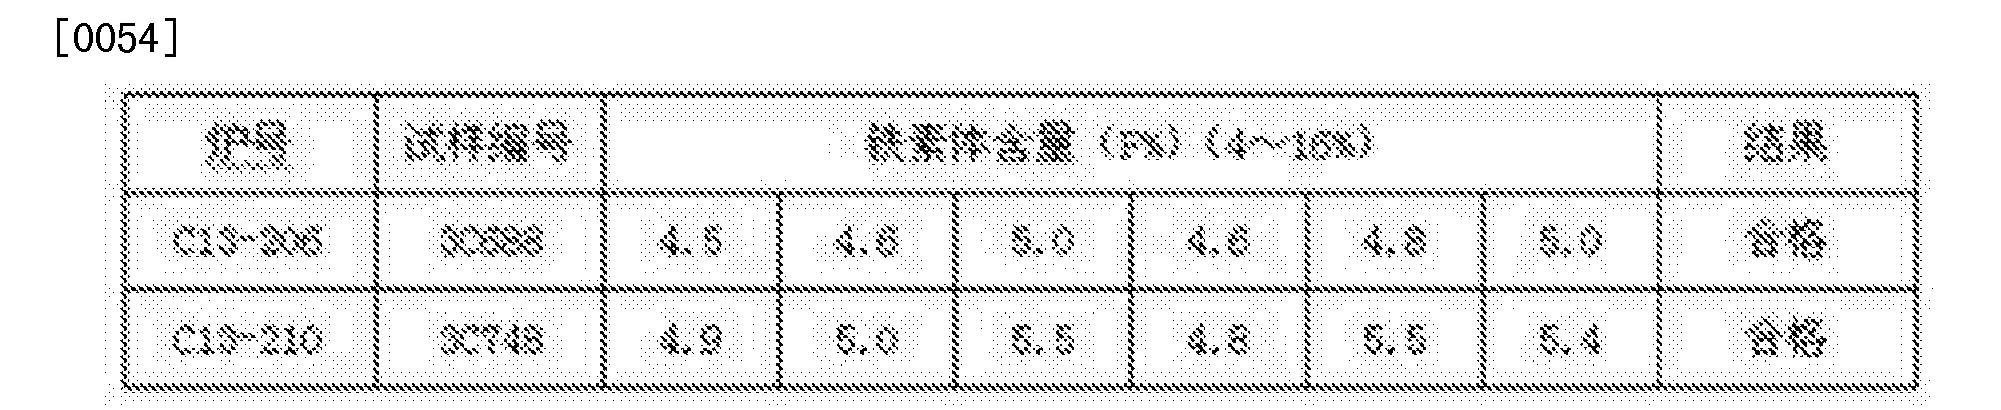 Figure CN104190874BD00072